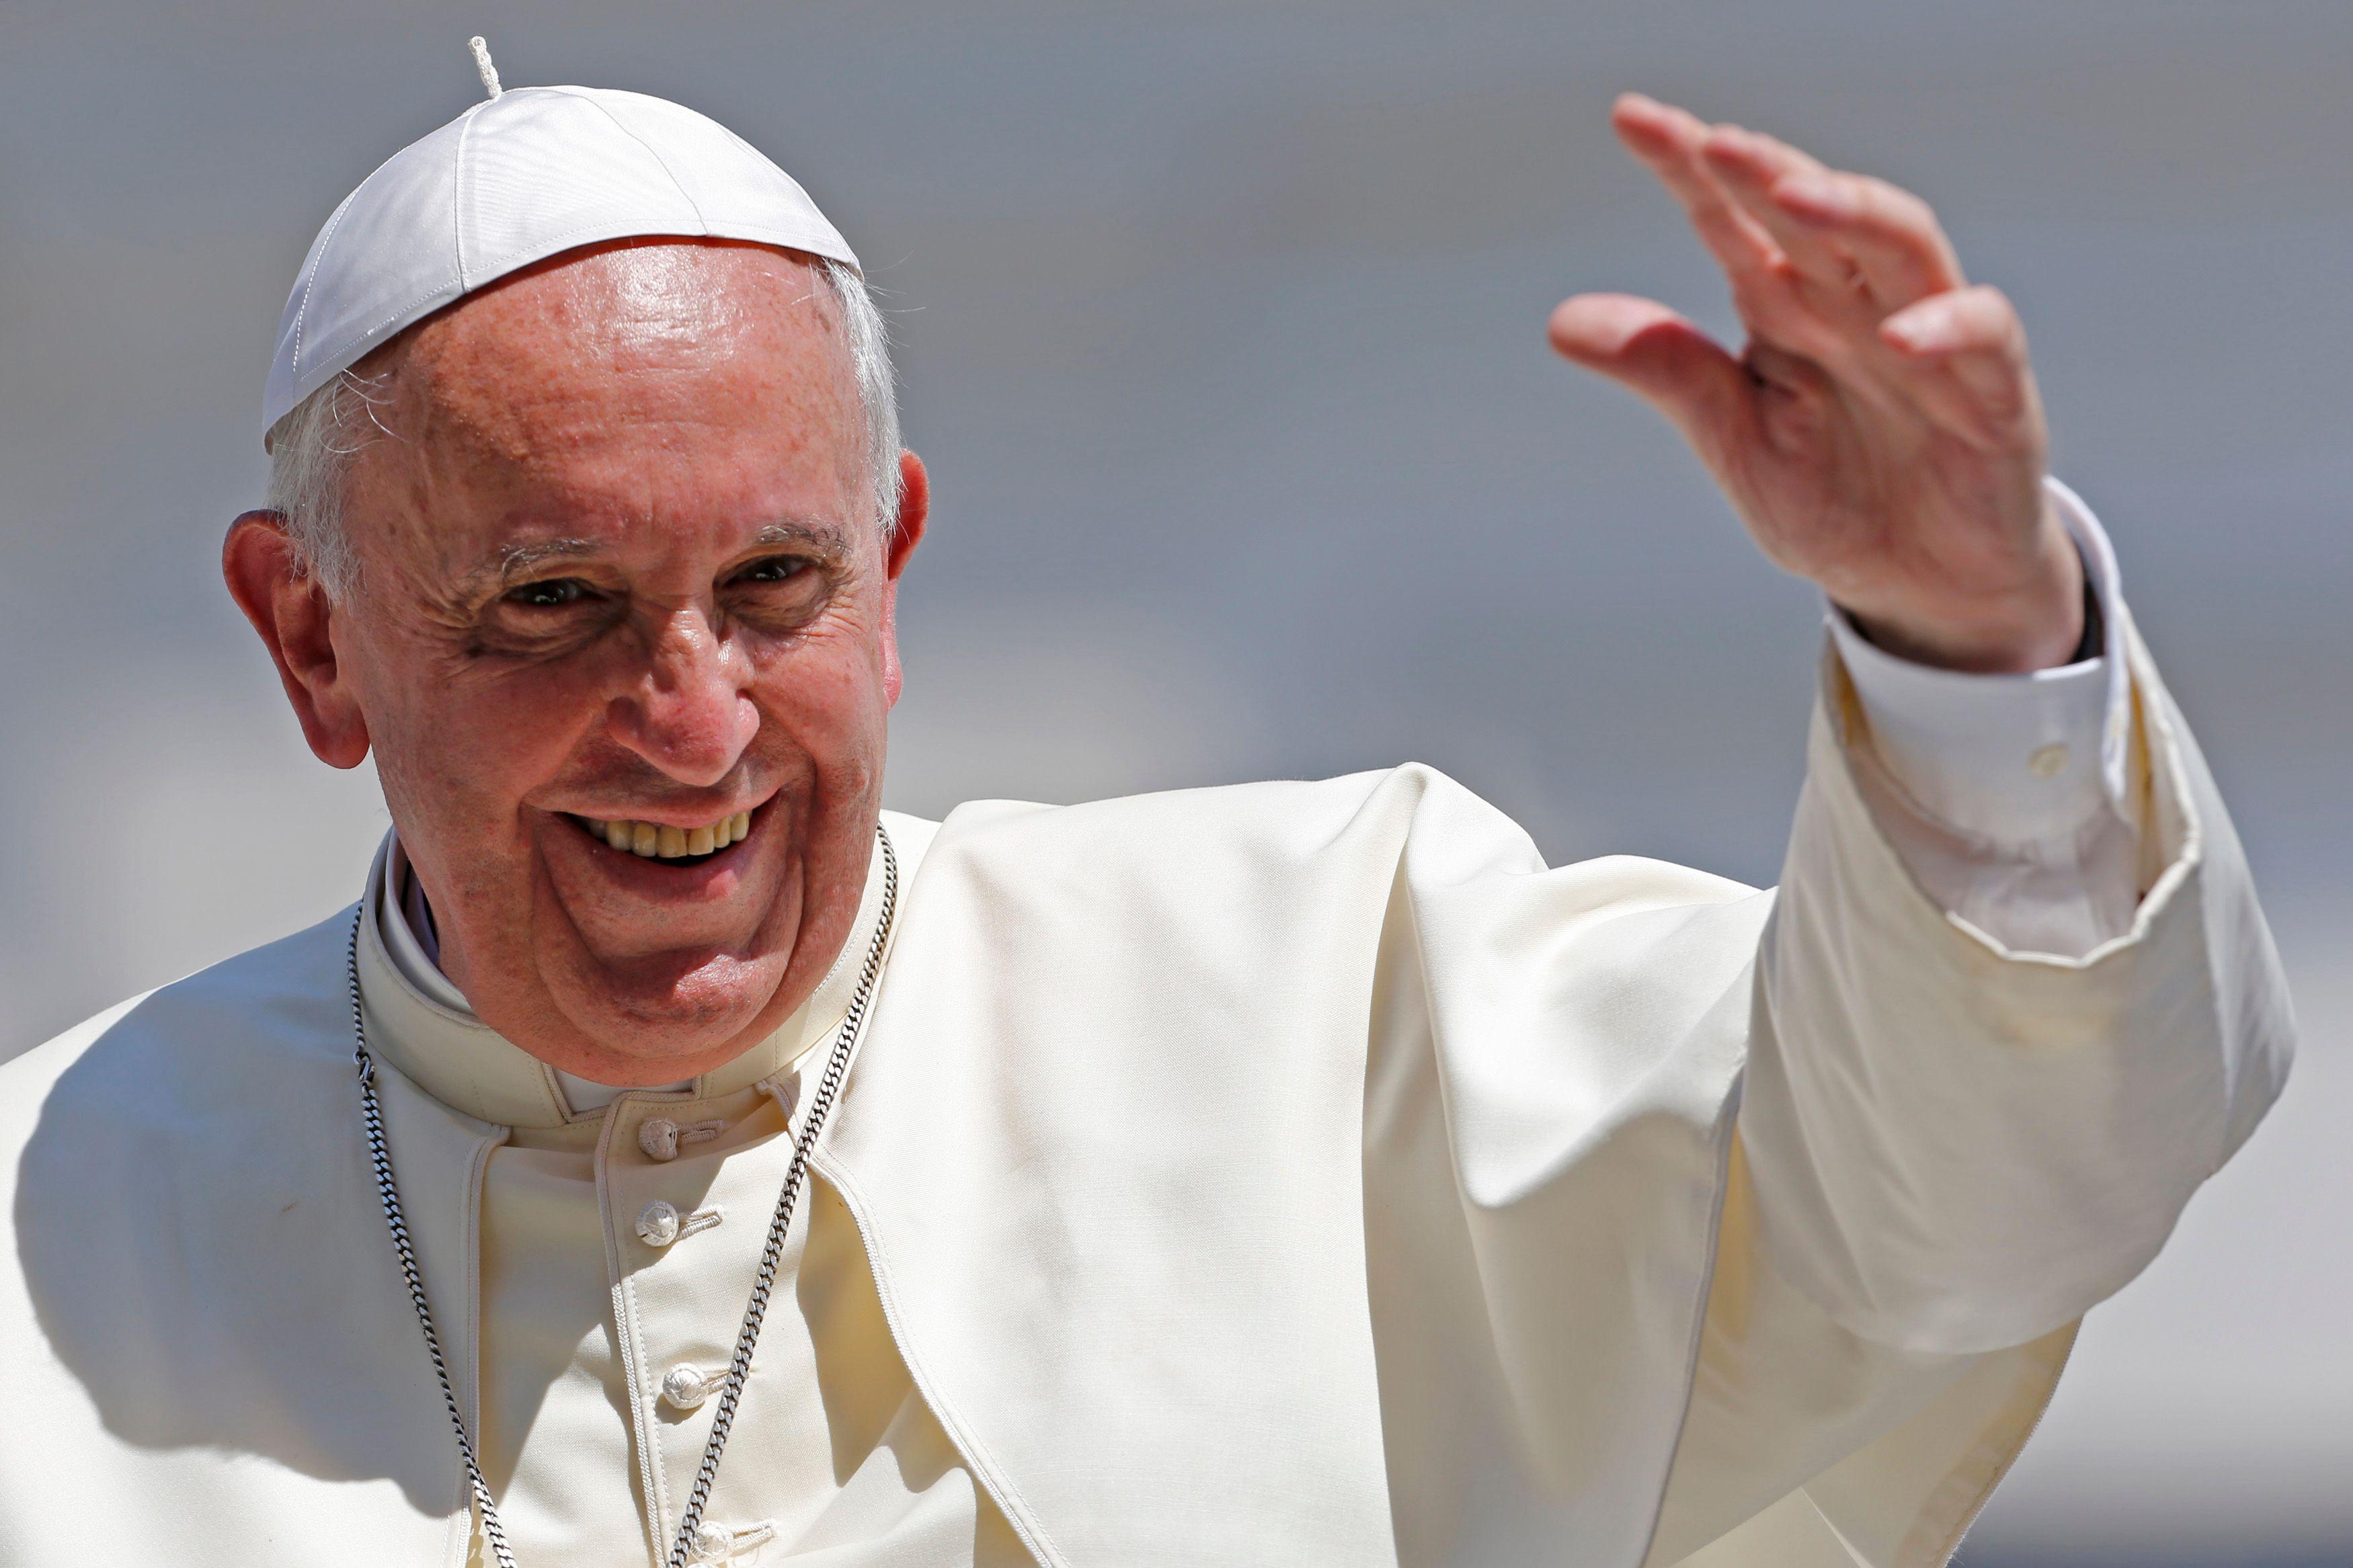 """Le pape François s'exprime sur la pédophilie : """"aucune place dans le ministère de l'Eglise pour ceux qui abusent des mineurs"""""""